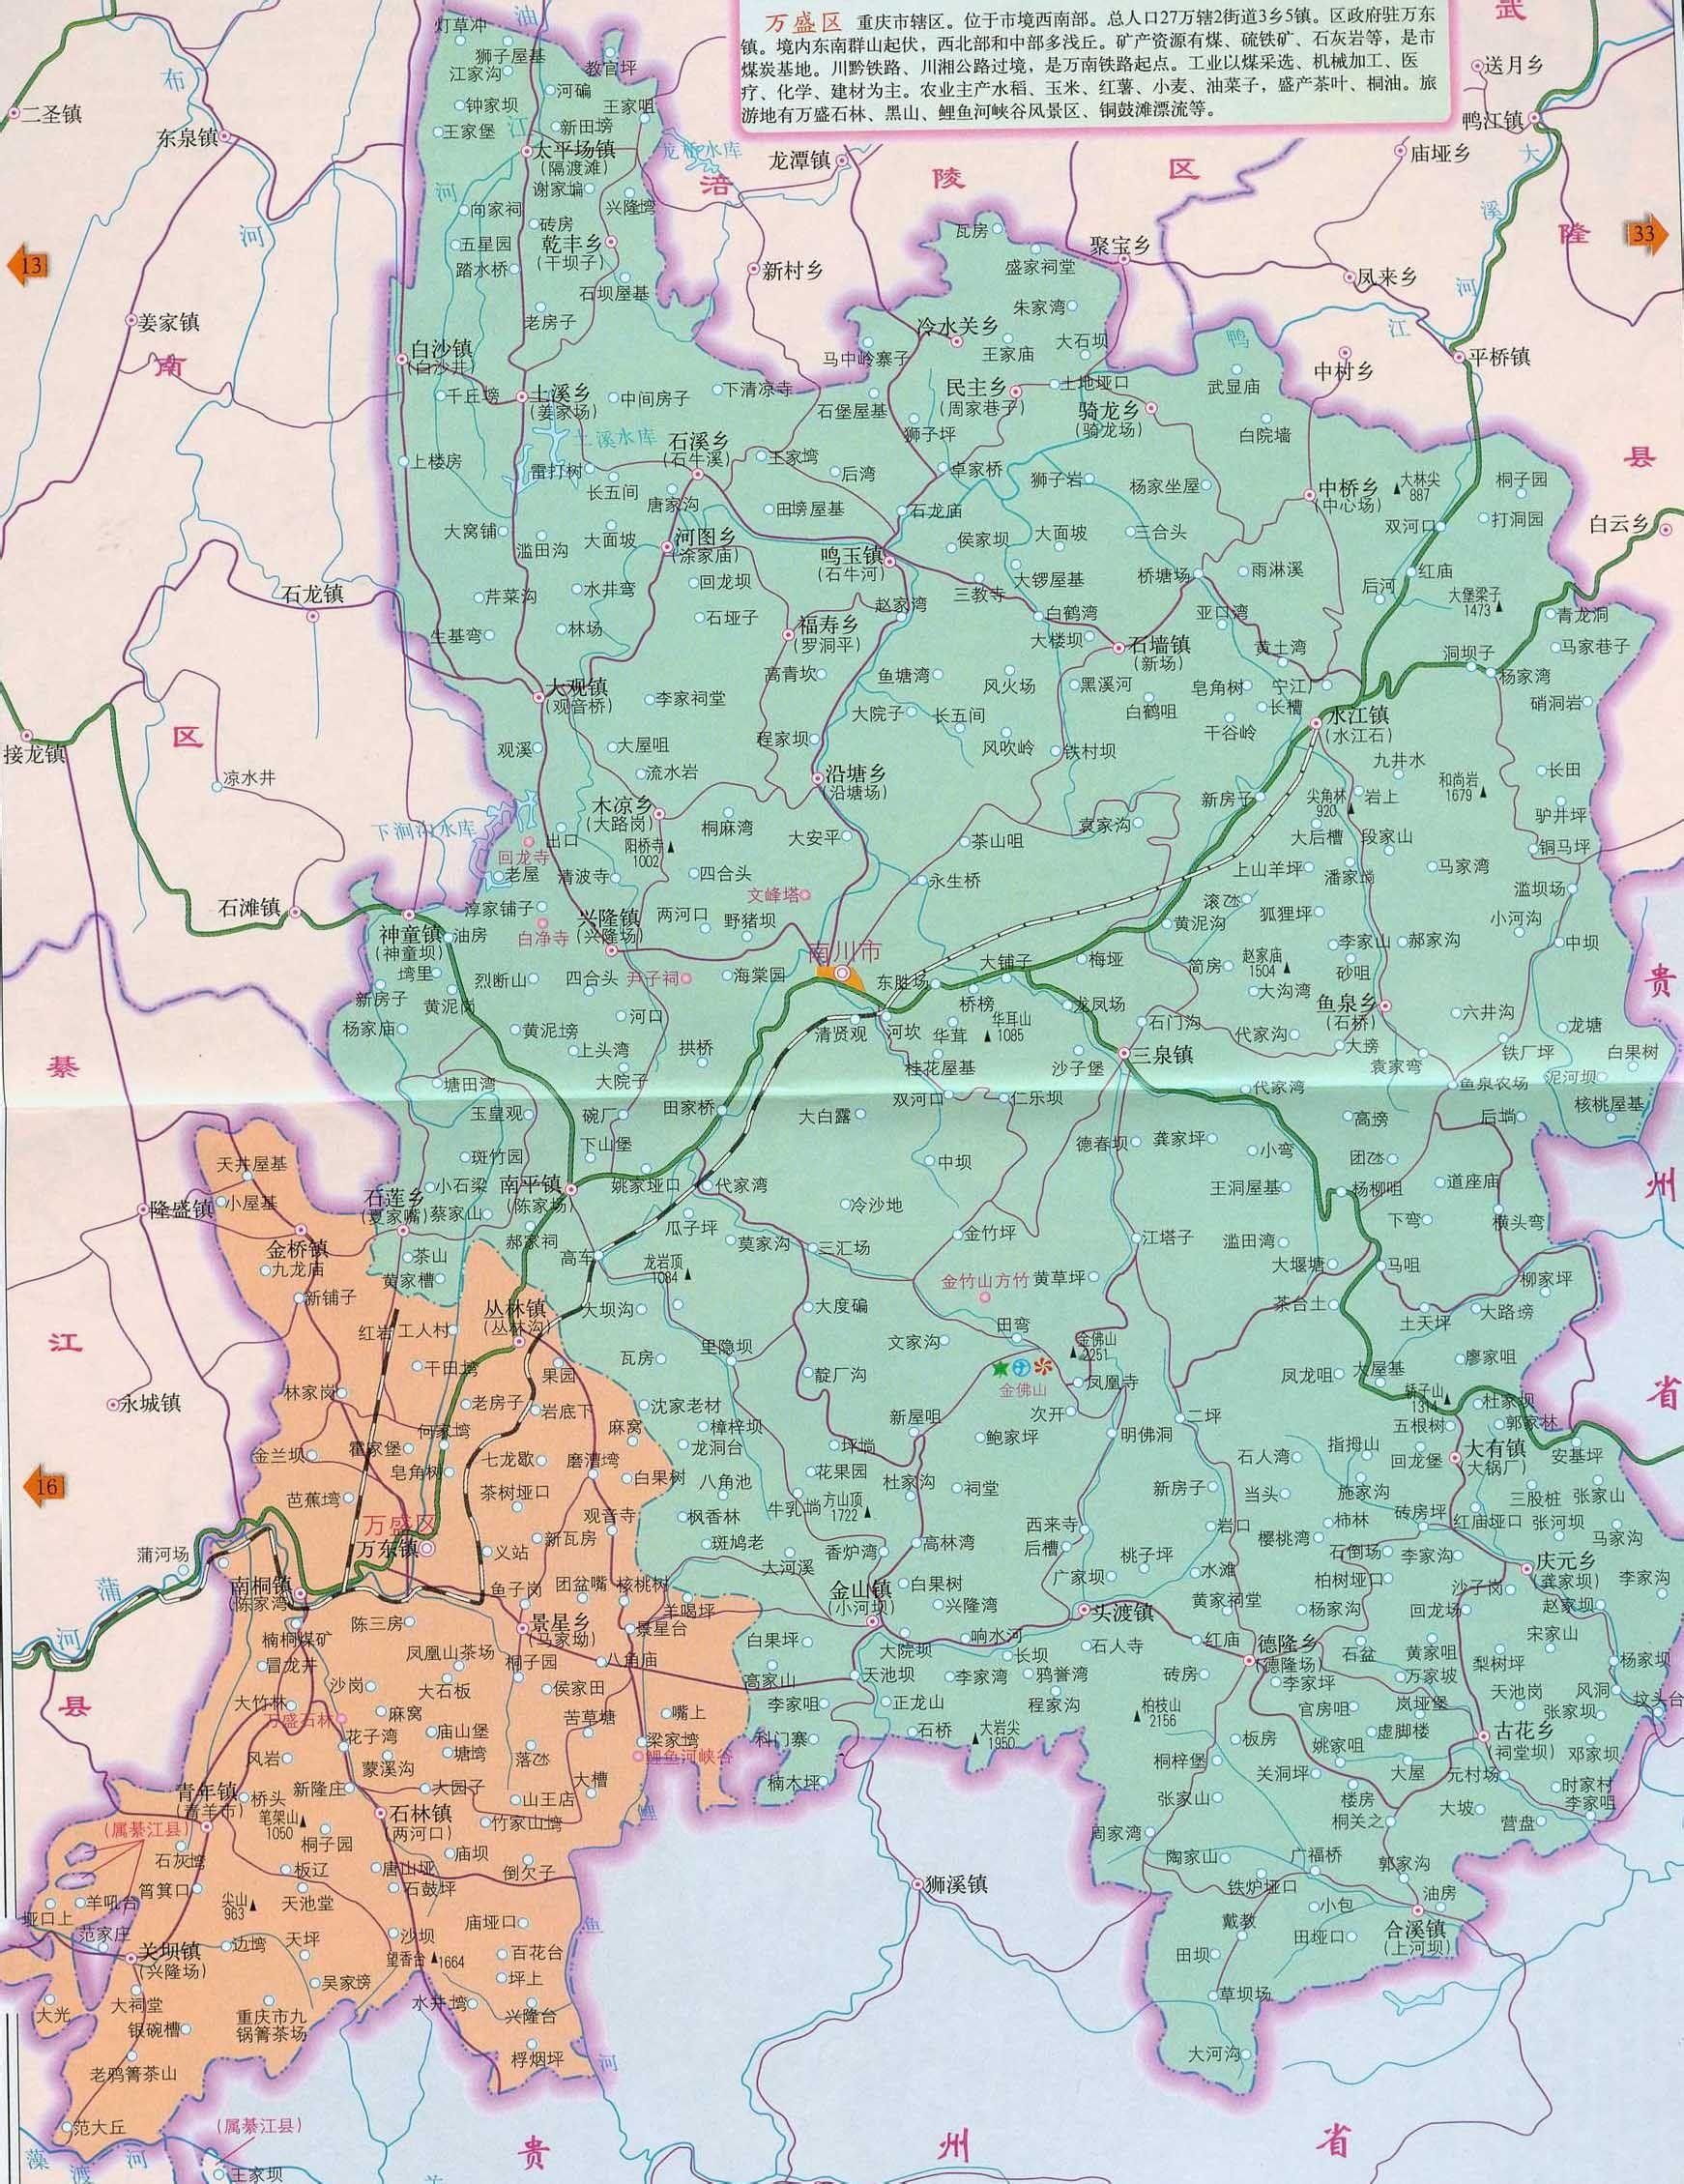 谁有重庆市南川区的地图?